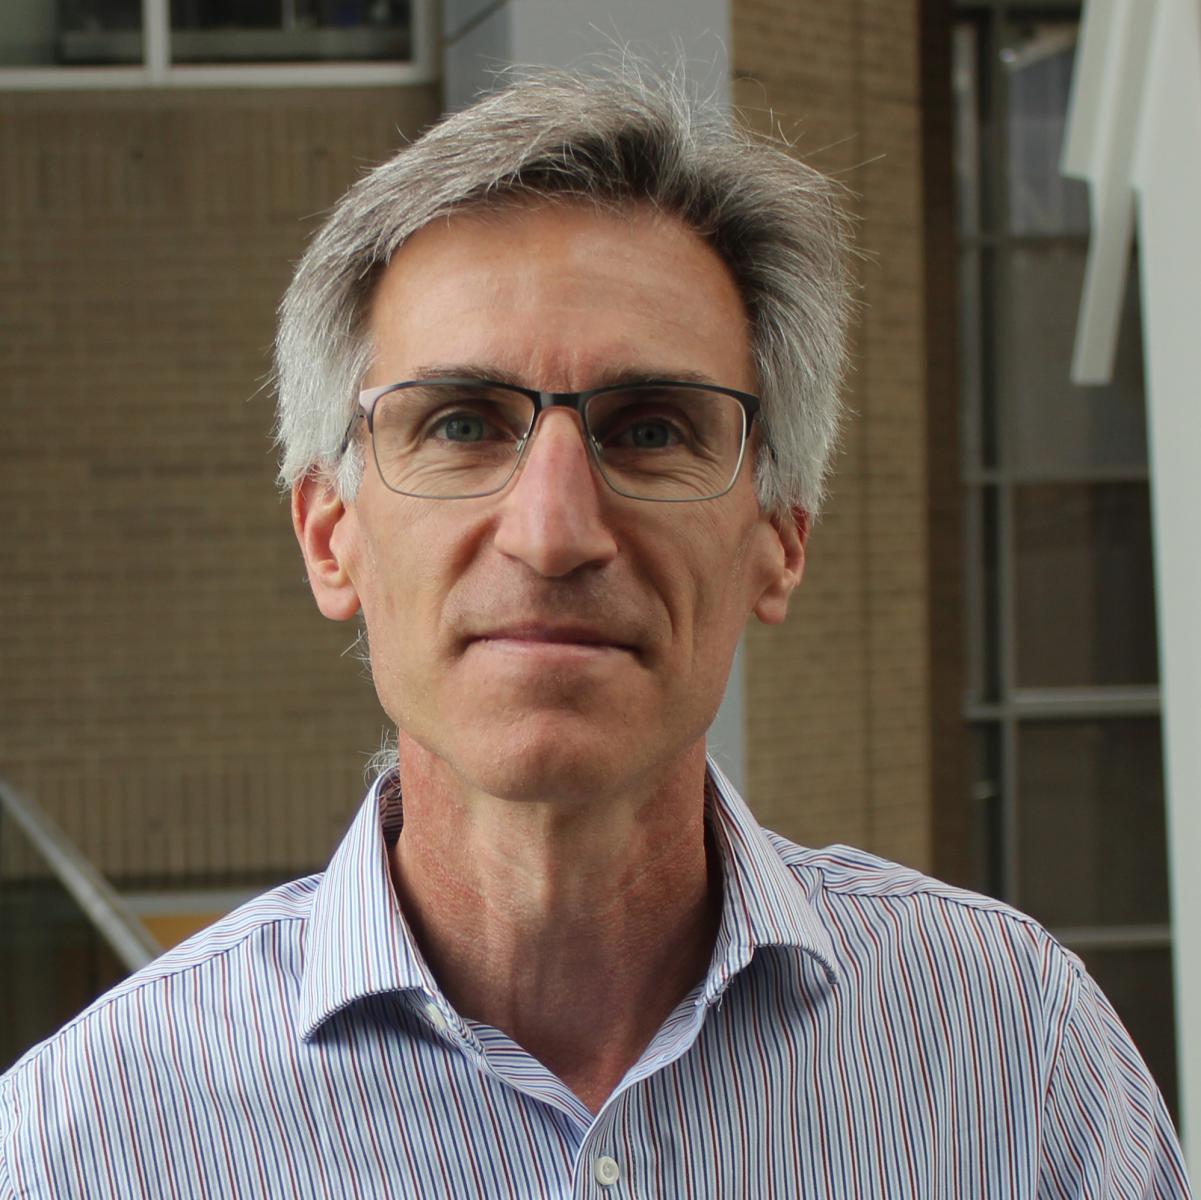 Photo of Andy Braun, Ph.D.